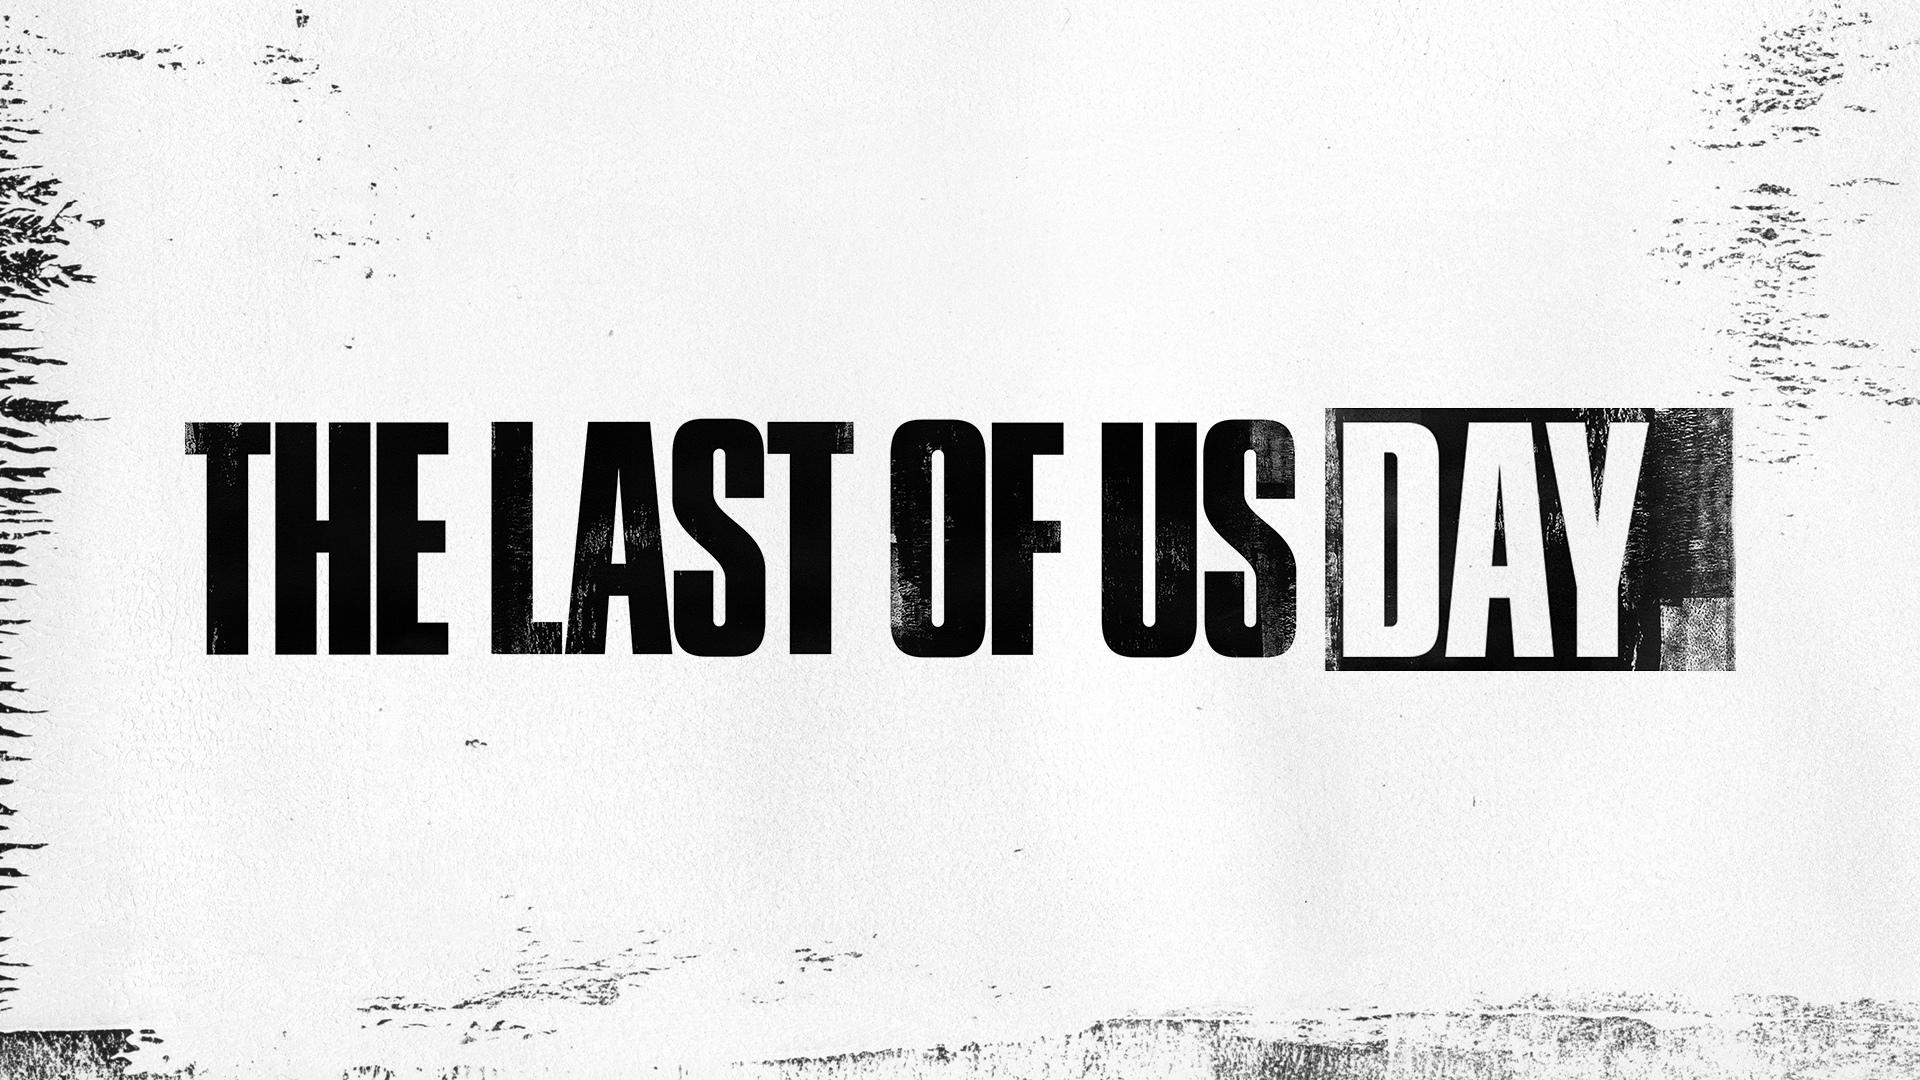 Naughty Dog впервые официально подтвердила разработку мультиплеерной игры во вселенной The Last of Us